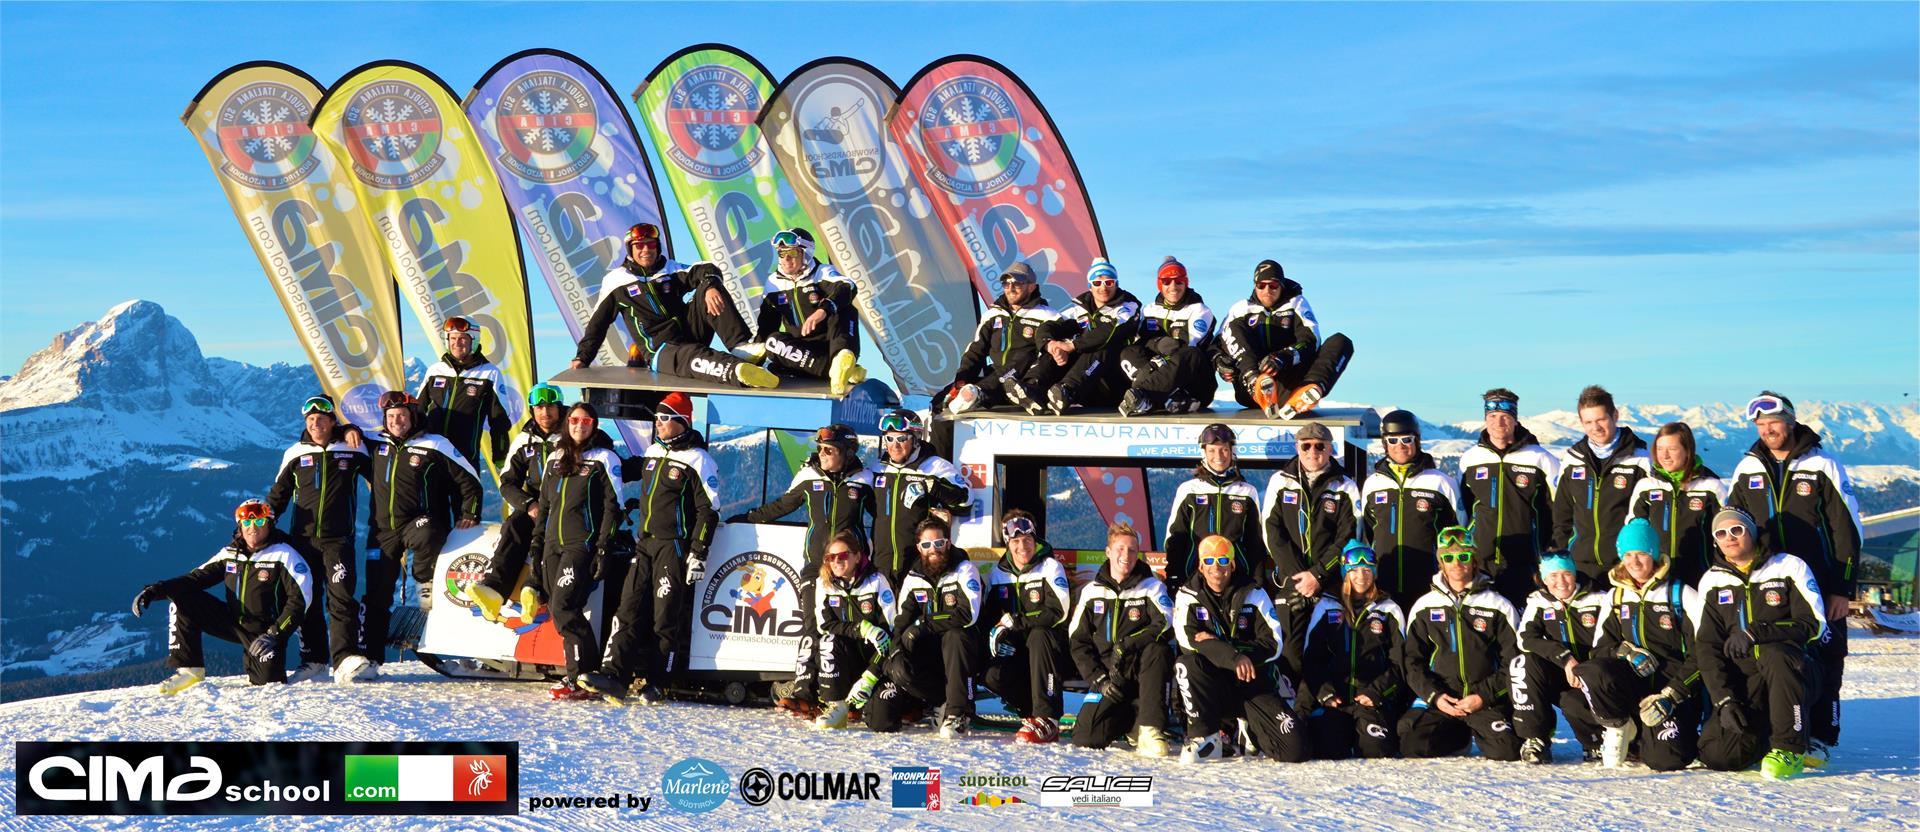 Ski & Snowboardschool Cima